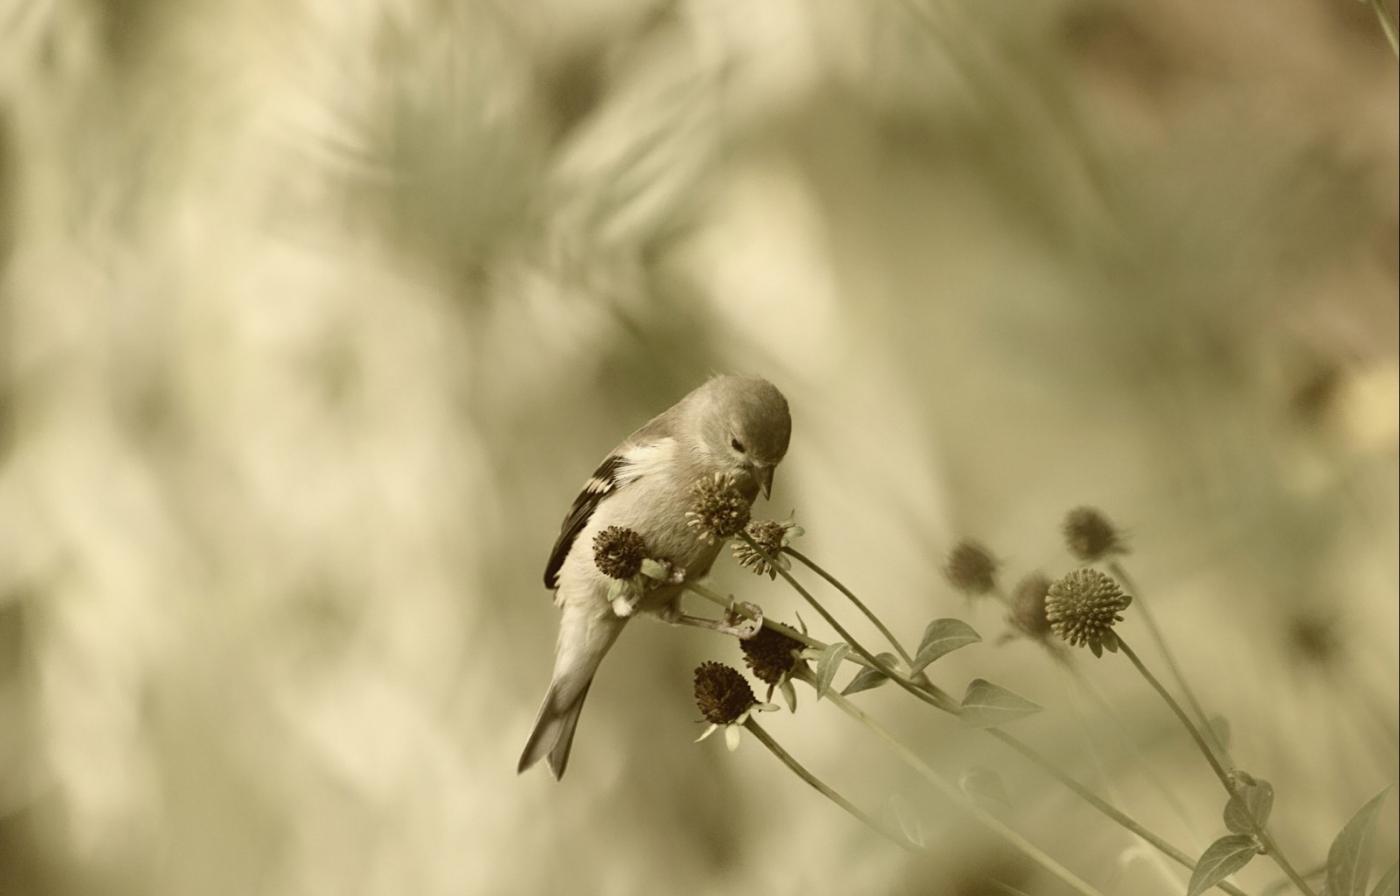 [田螺摄影]金翅鸟_图1-9